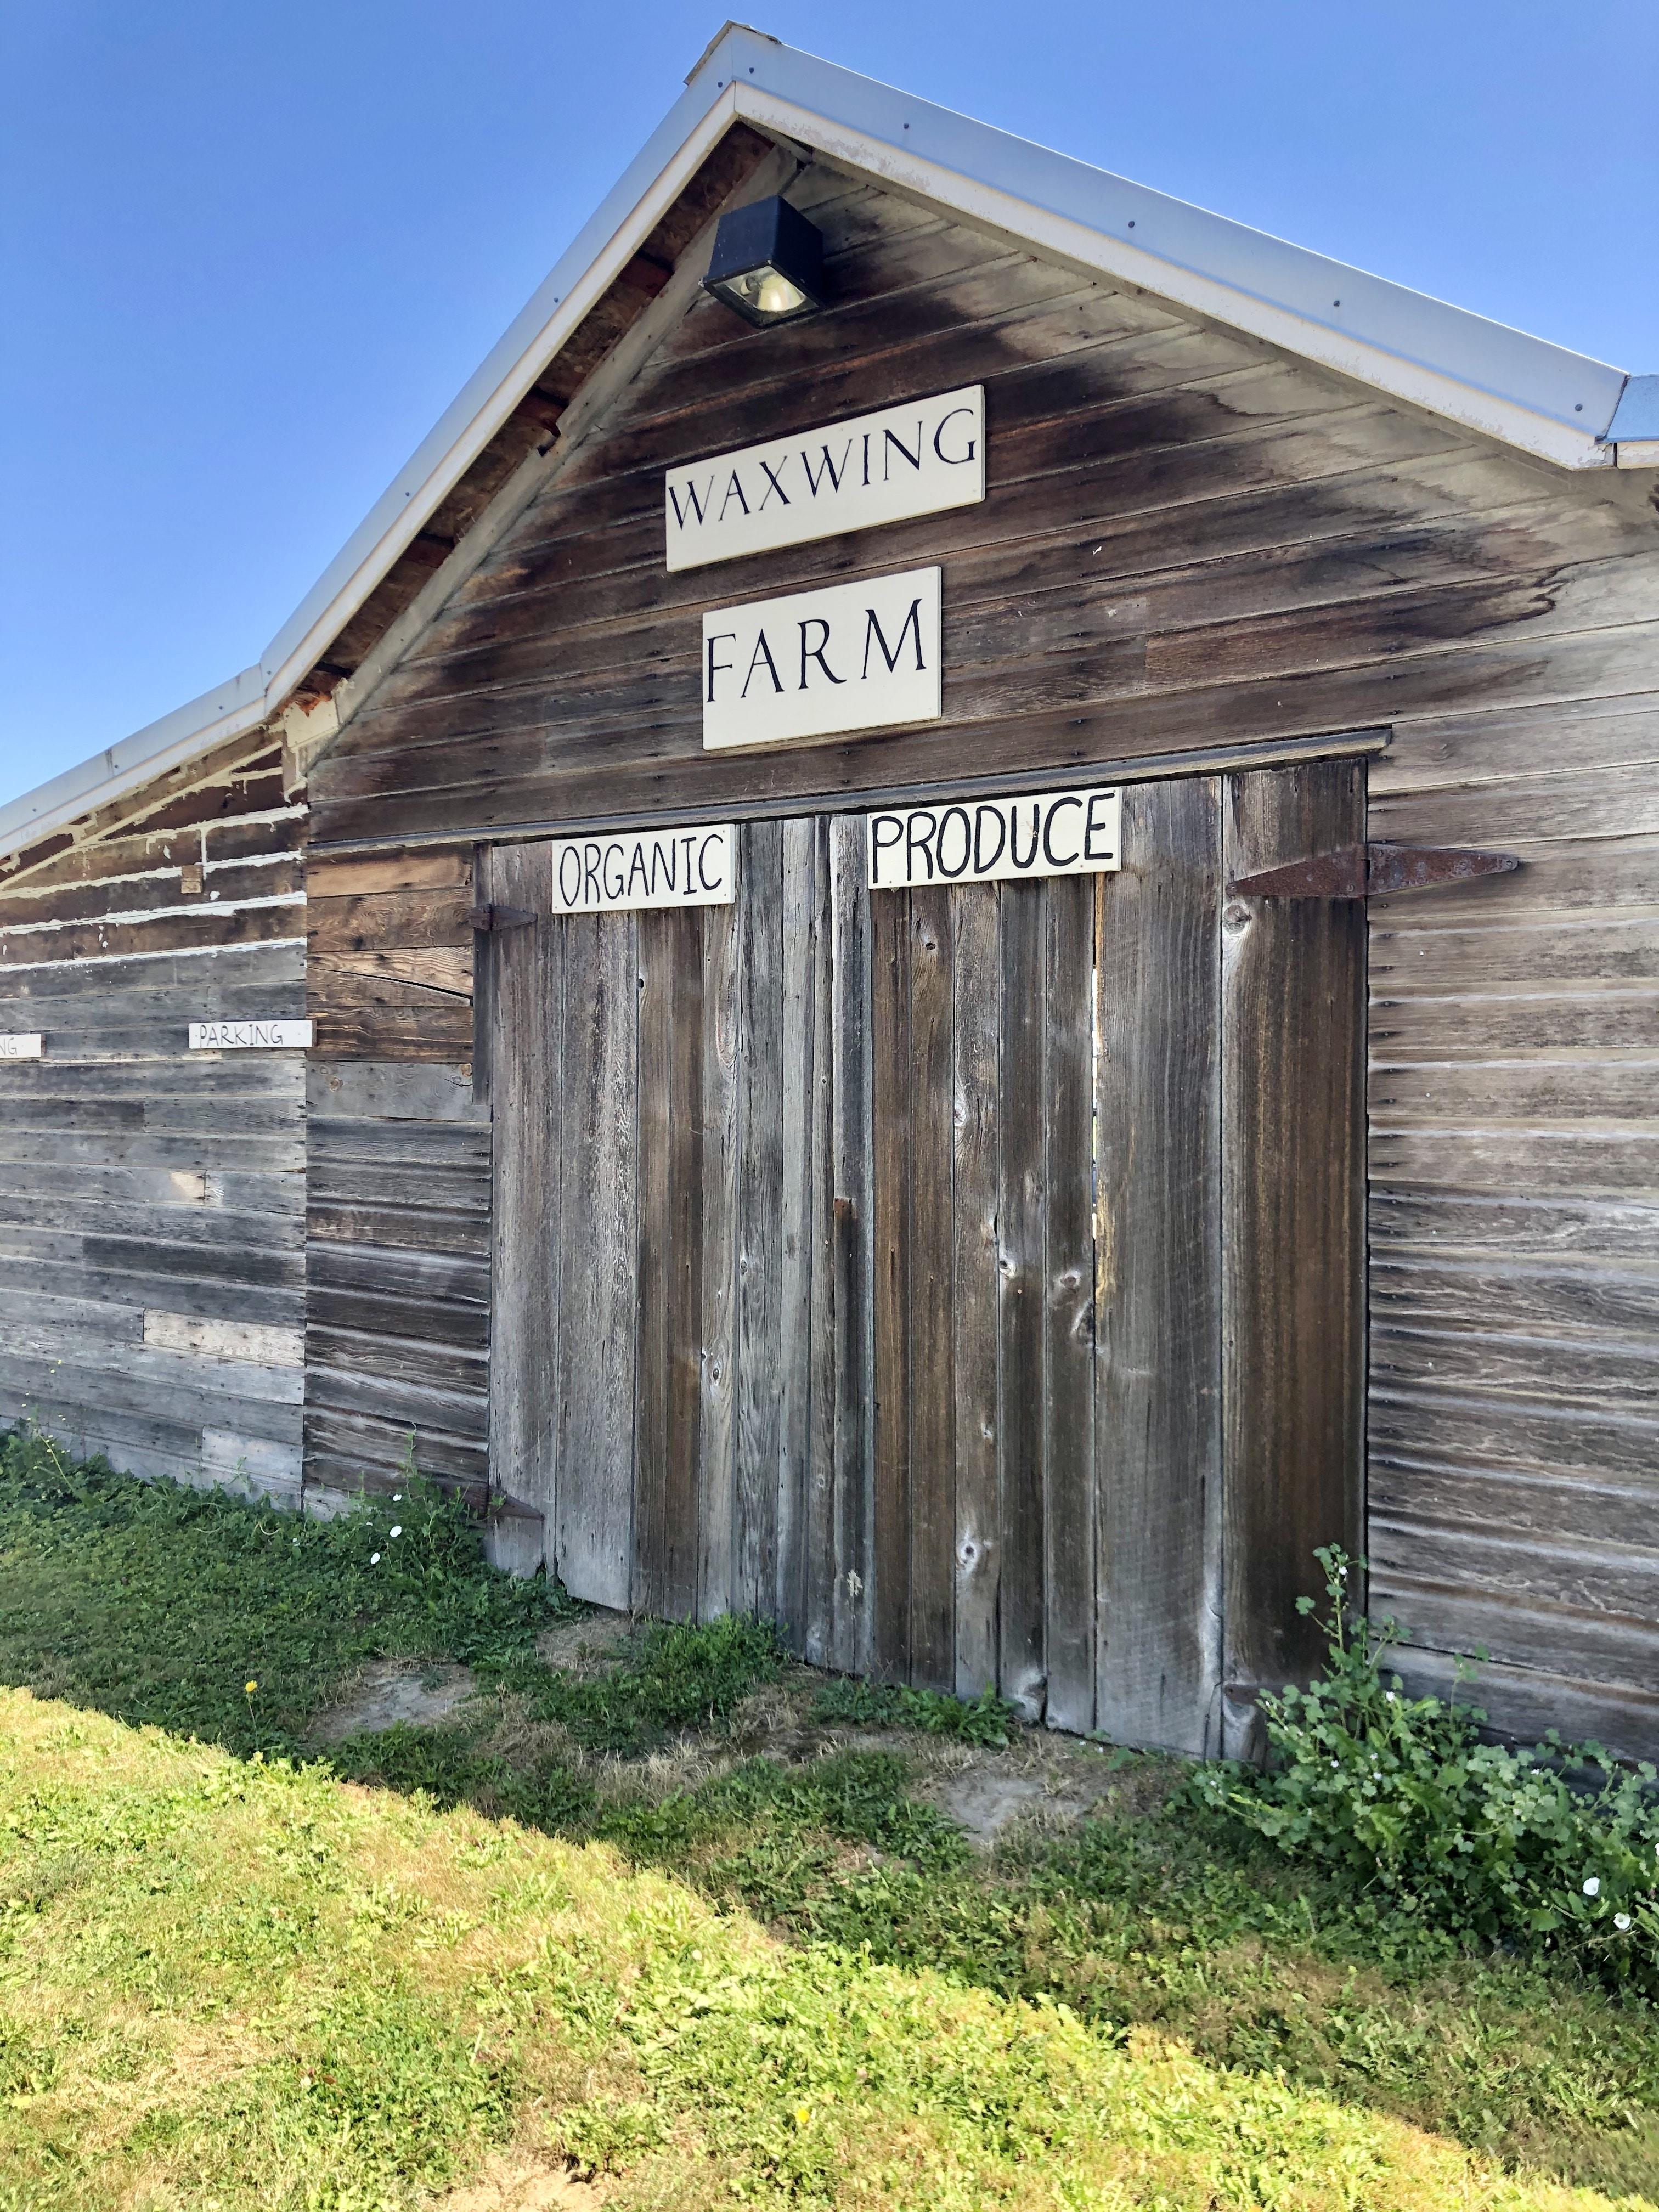 Waxwing Farm